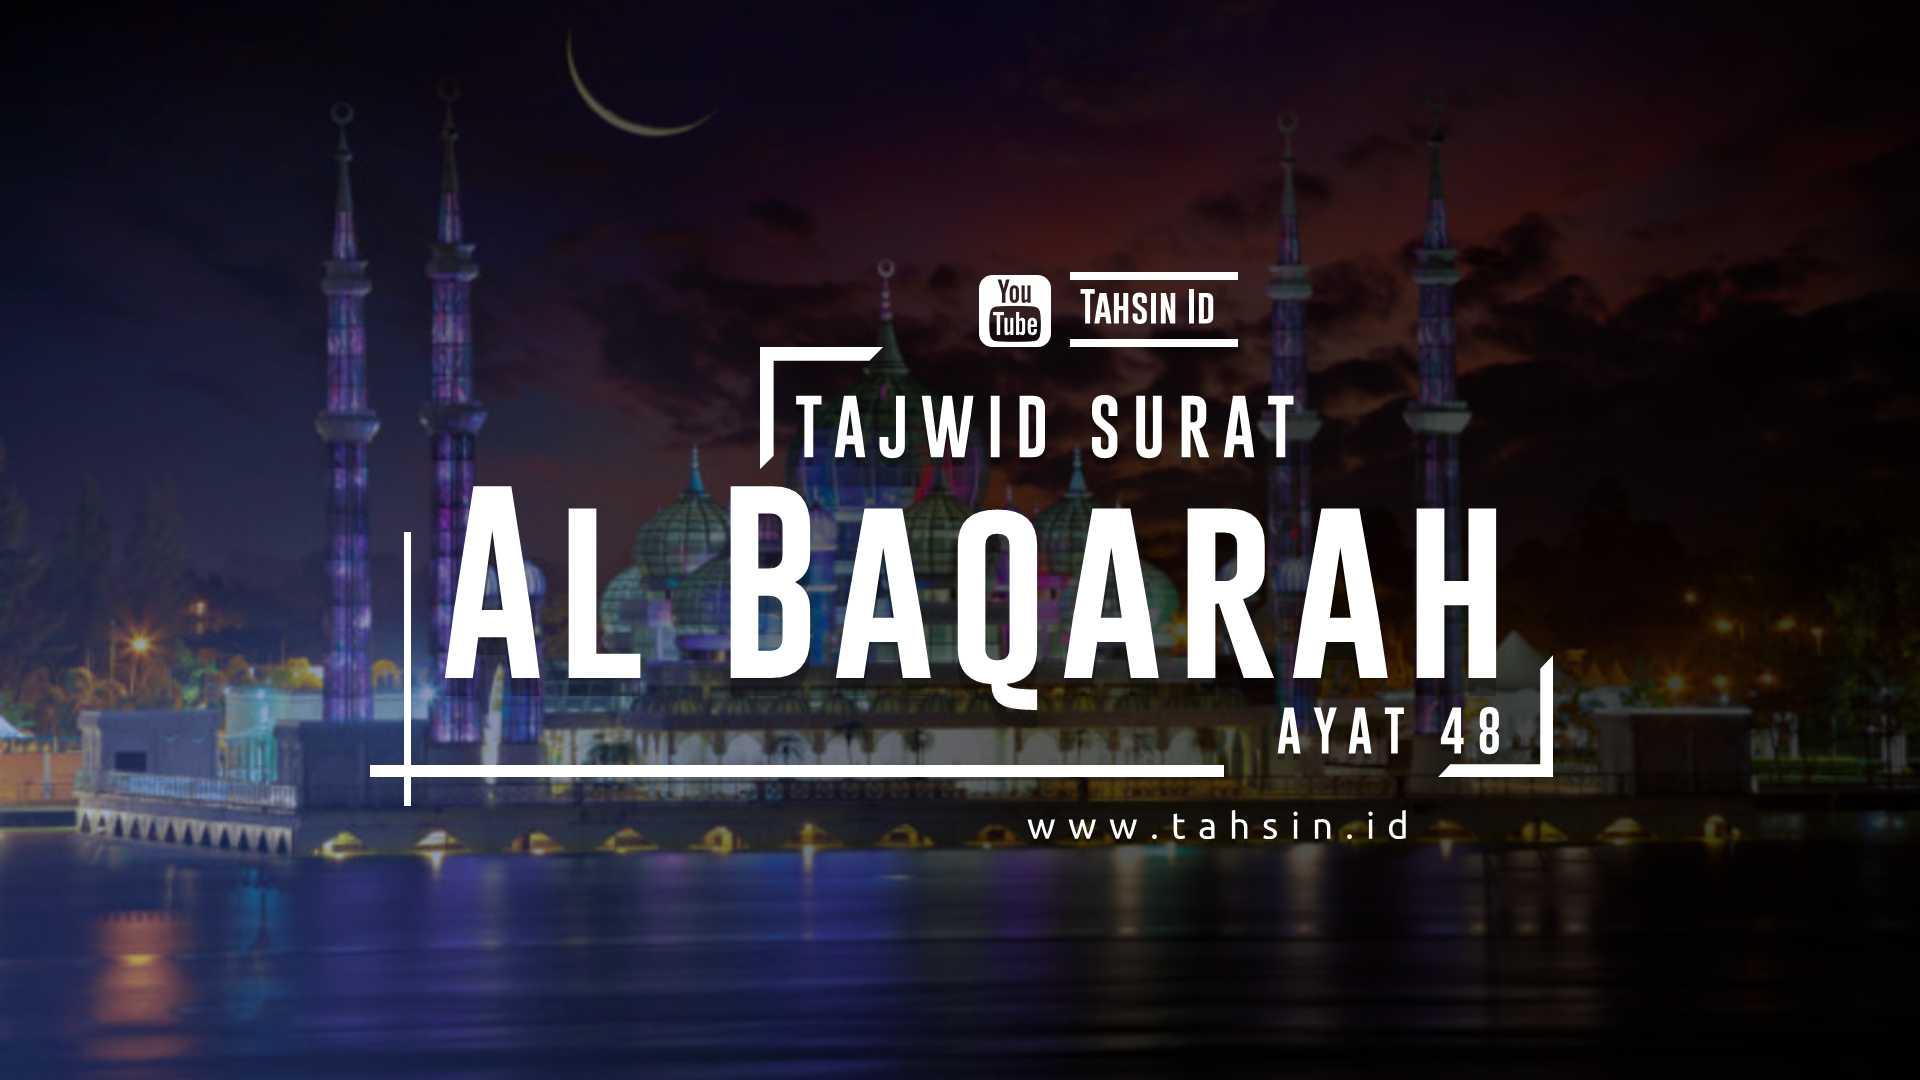 Tajwid surat Al Baqarah ayat 48